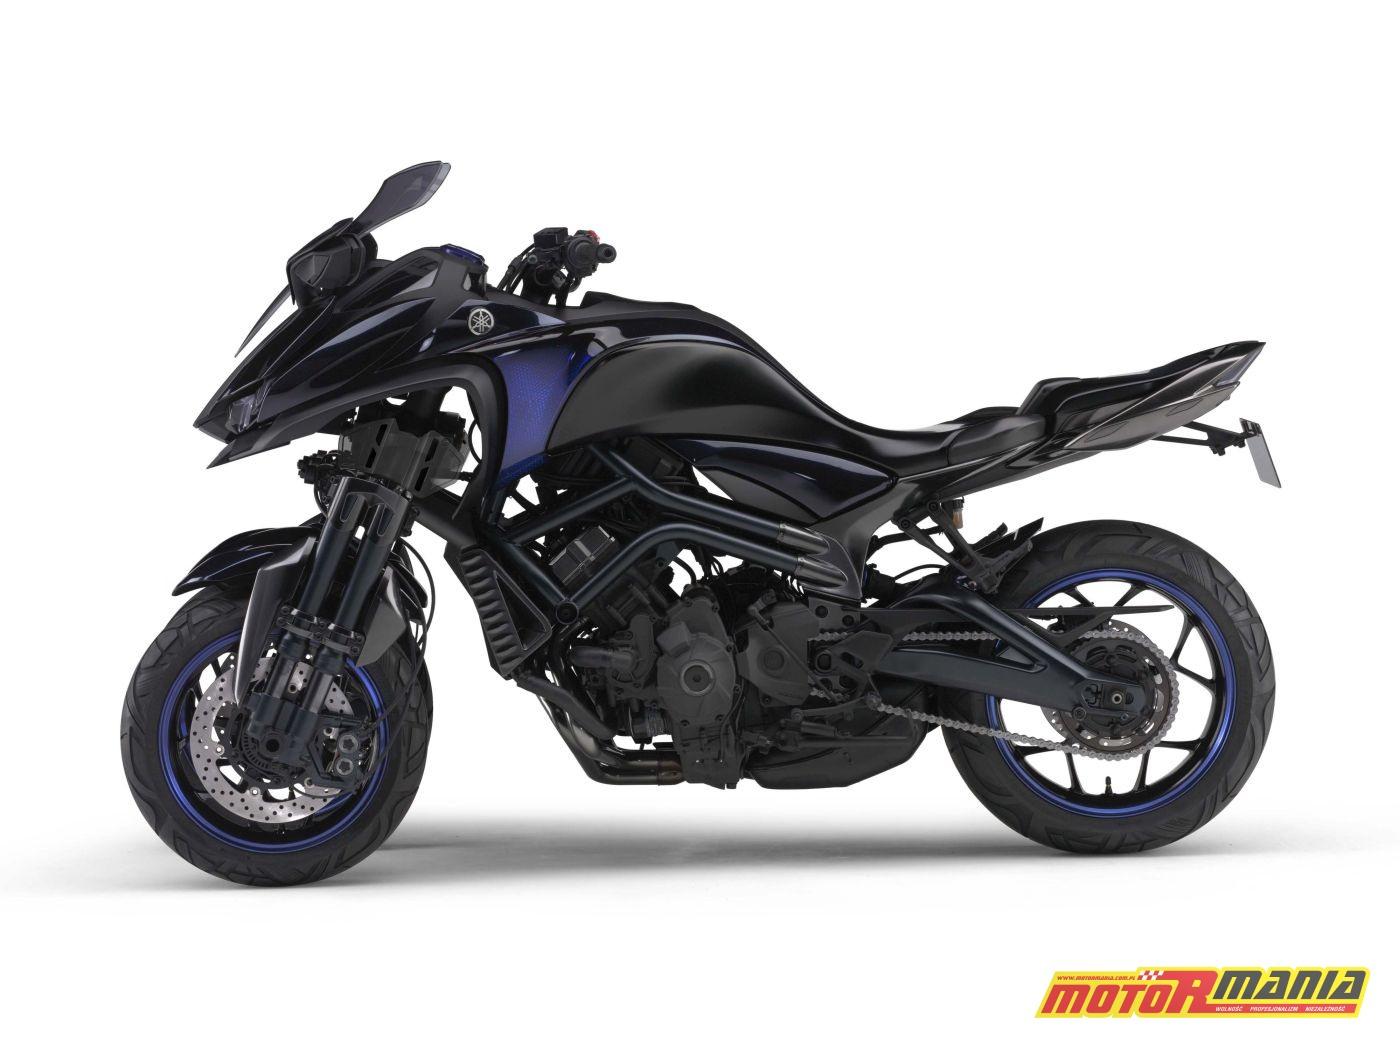 Yamaha MWT-09 Concept 2015 (4)